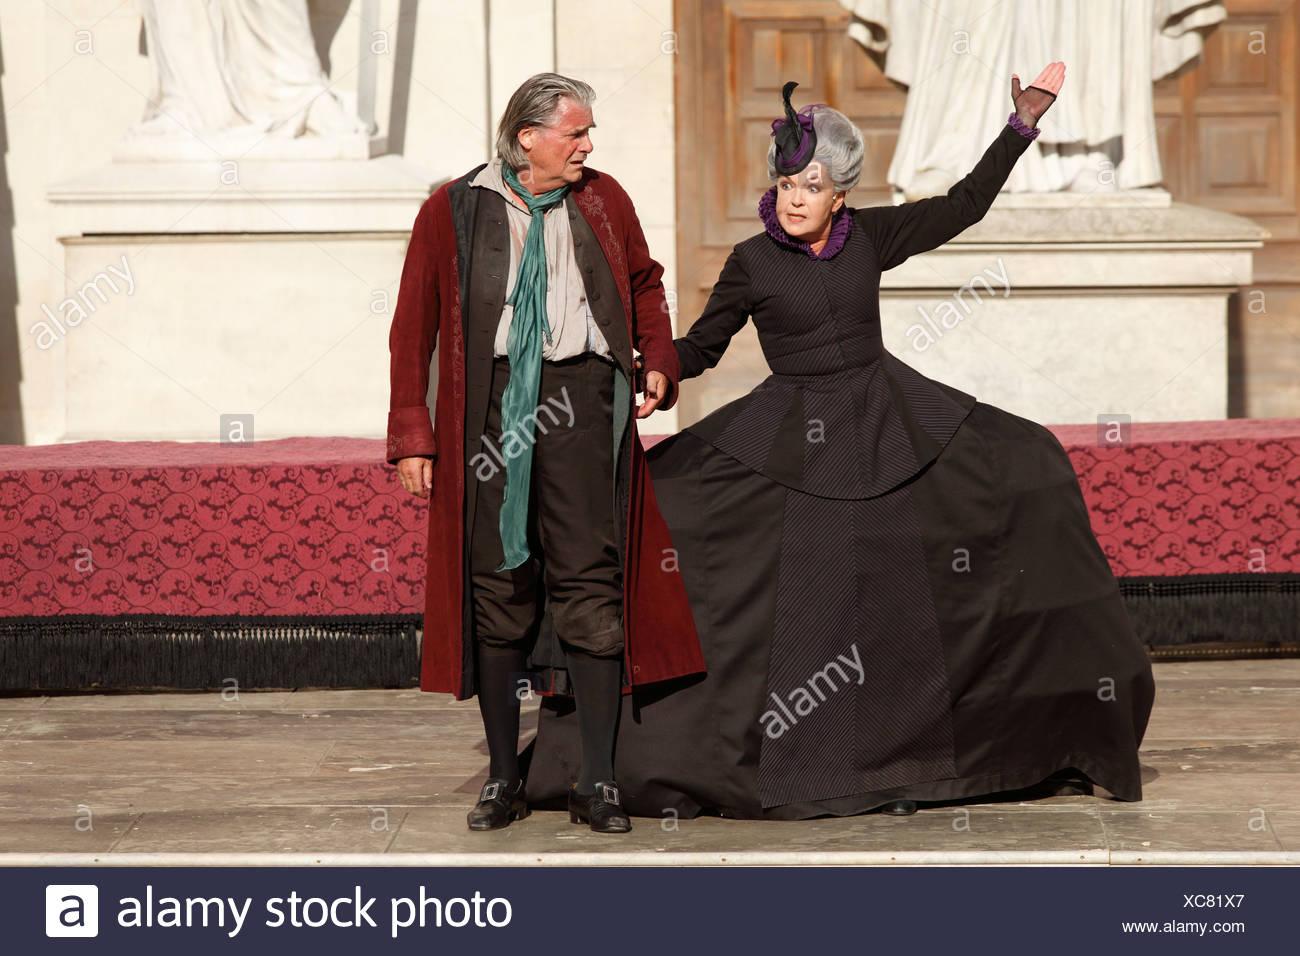 Jedermann, Everyman, played by Peter Simonischek, with Elisabeth Trissenaar as Jedermann's mother, play by Hugo von Hofmannstha Stock Photo